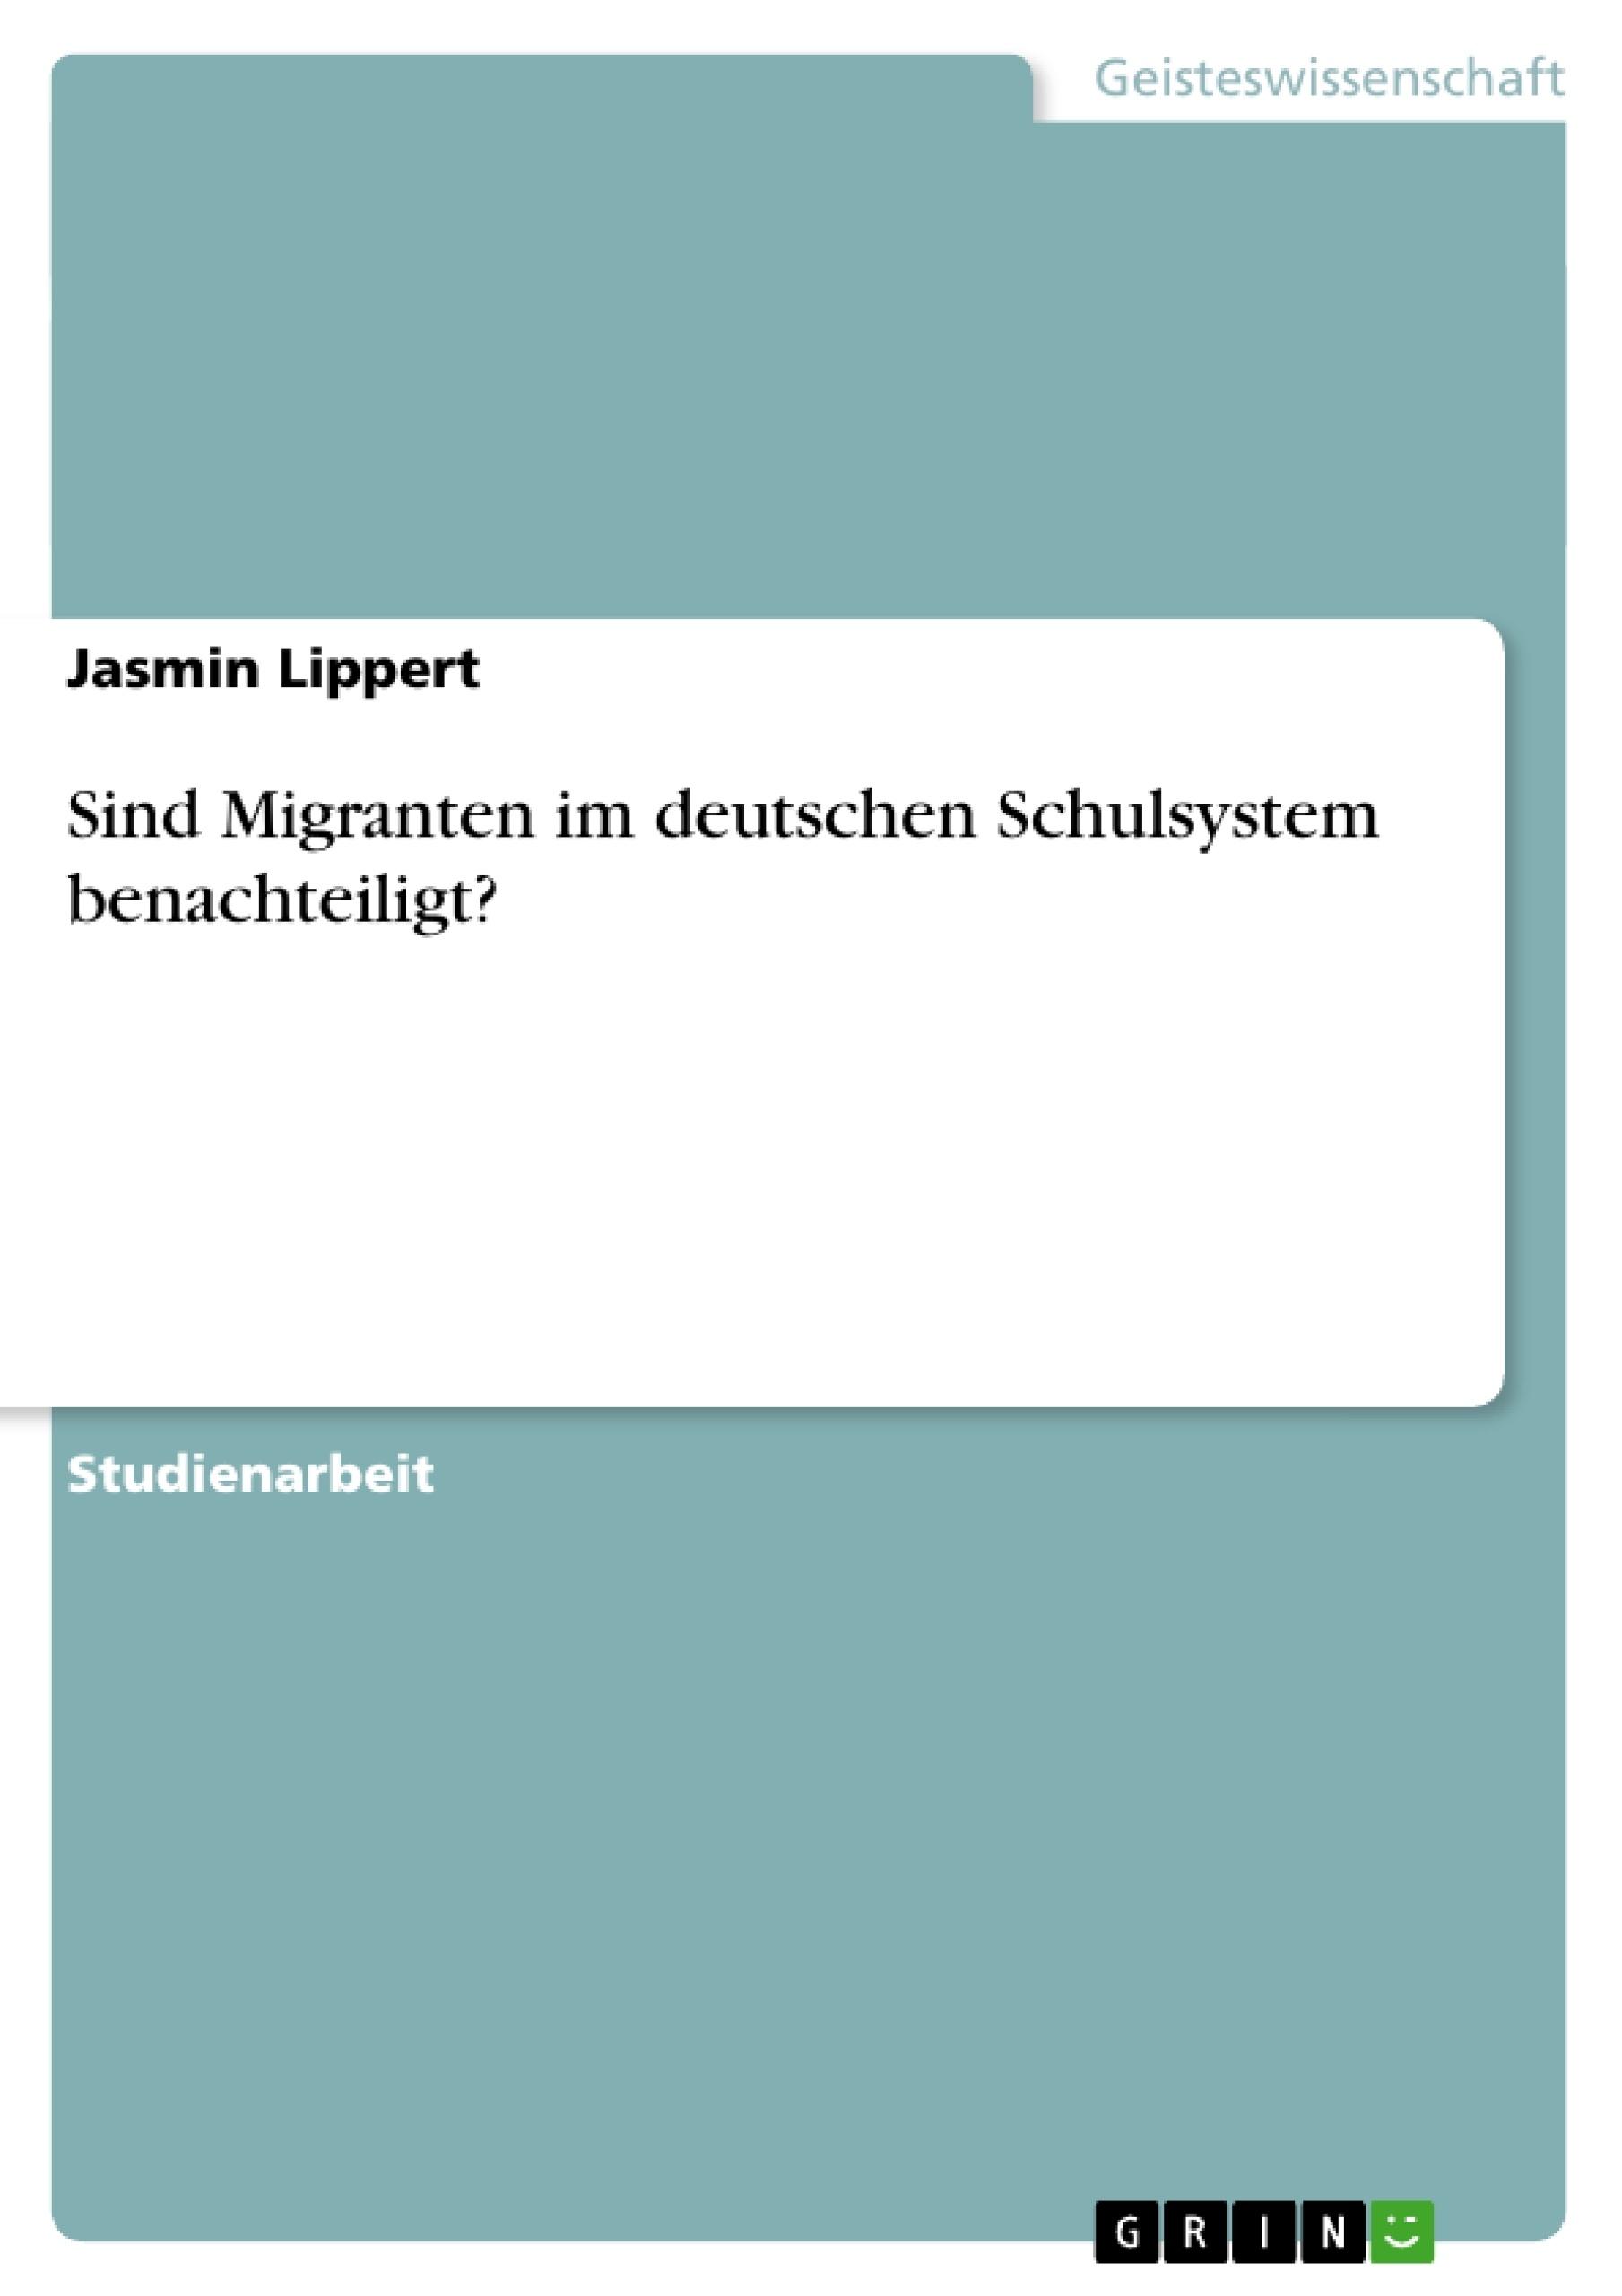 Titel: Sind Migranten im deutschen Schulsystem benachteiligt?